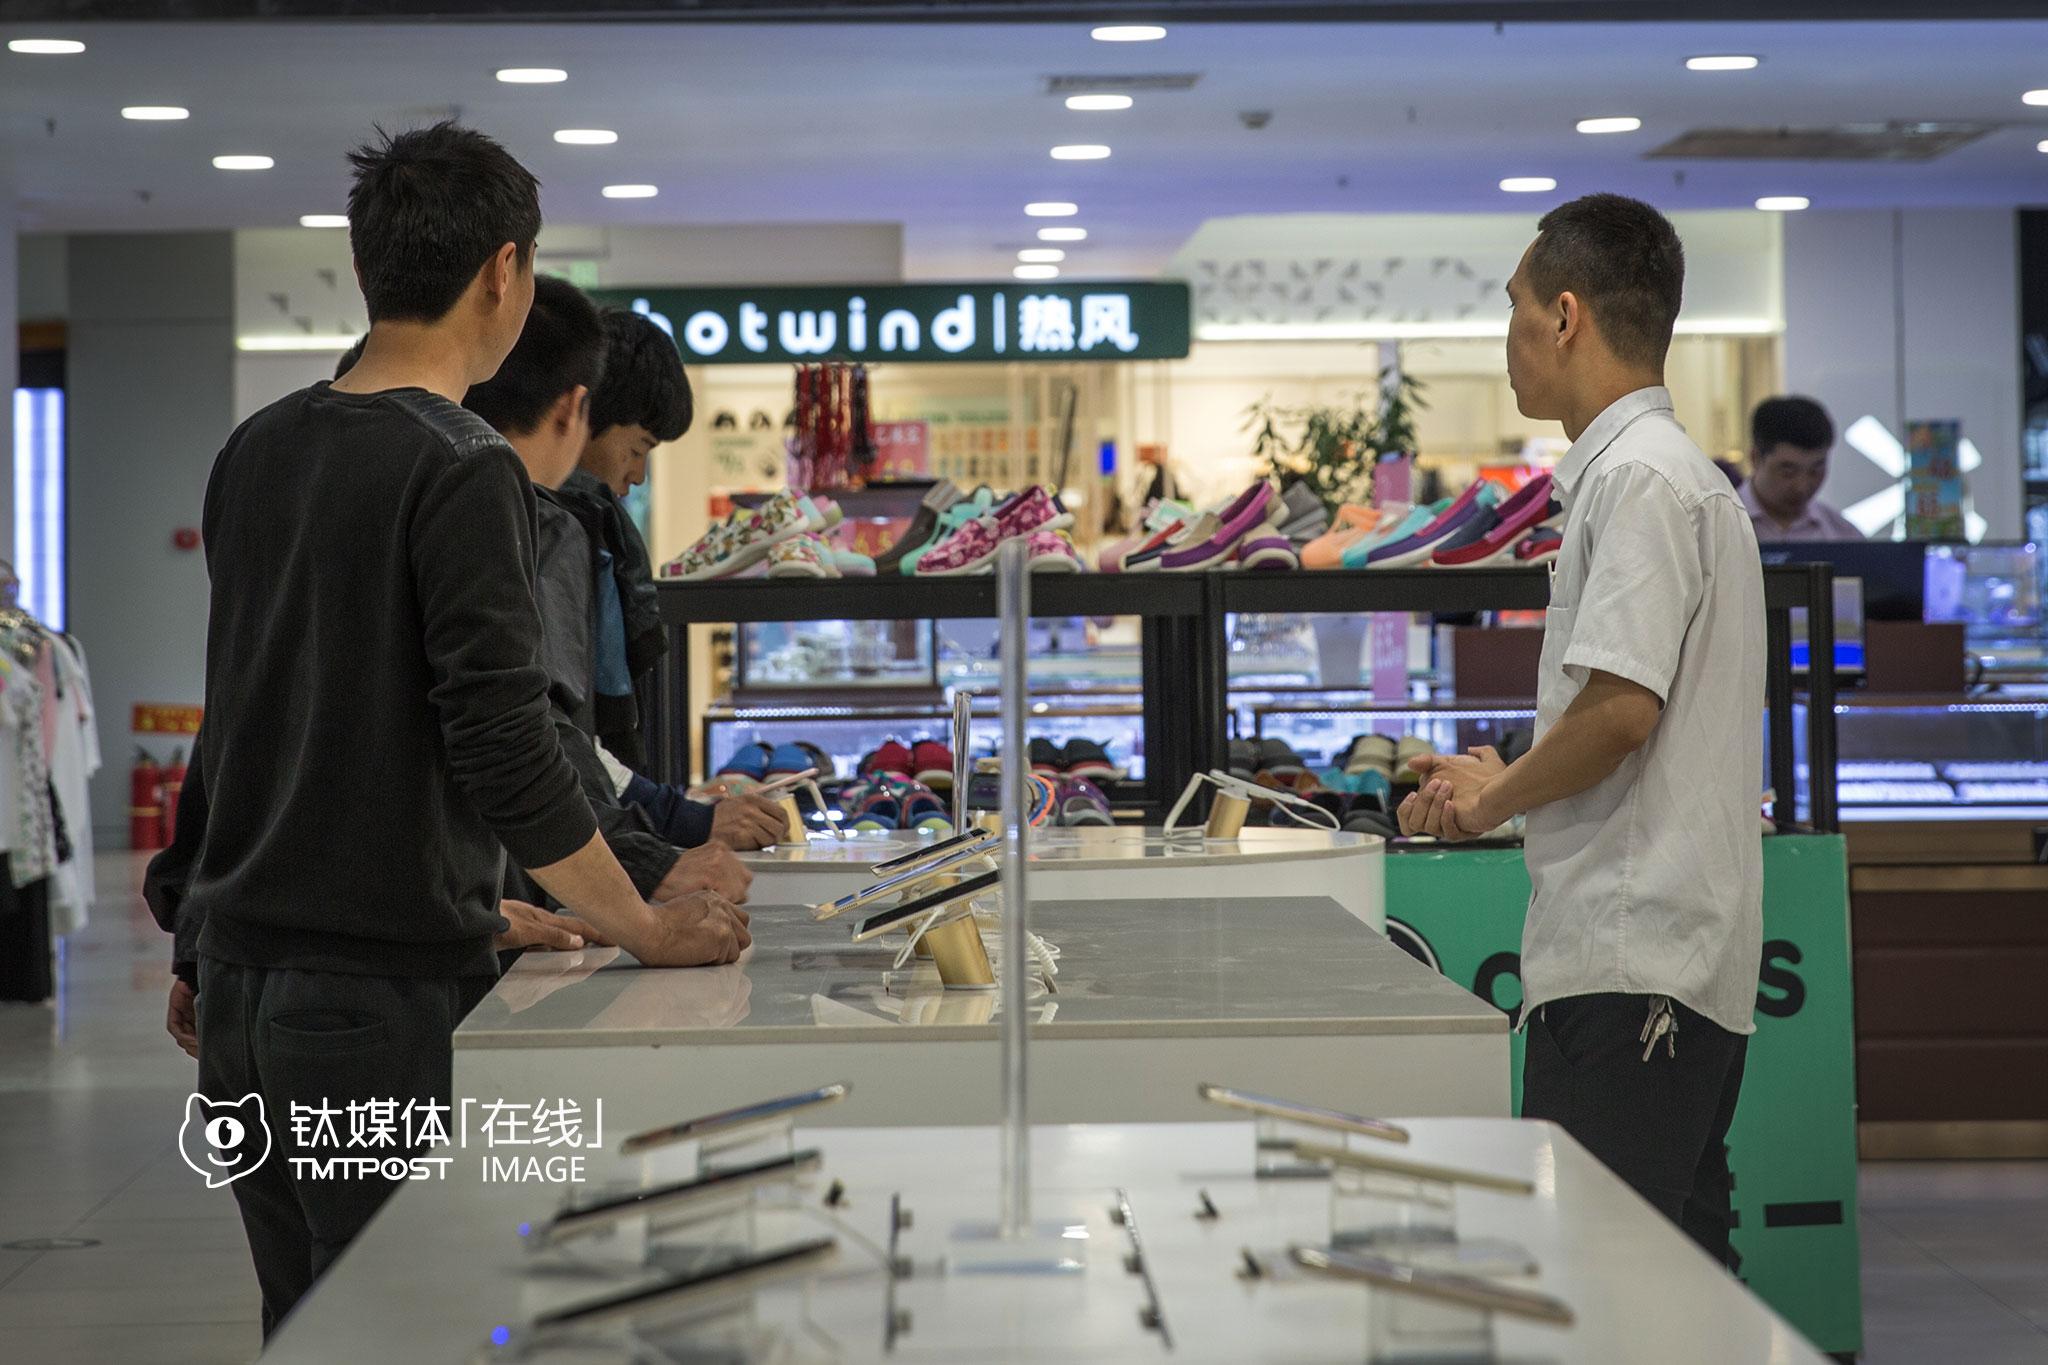 位于双桥国泰百货B1的这家手机店,面积65平米,店内陈列有49个型号的手机(或模型机),其中包含苹果、华为、三星、OPPO、vivo、小米等品牌。